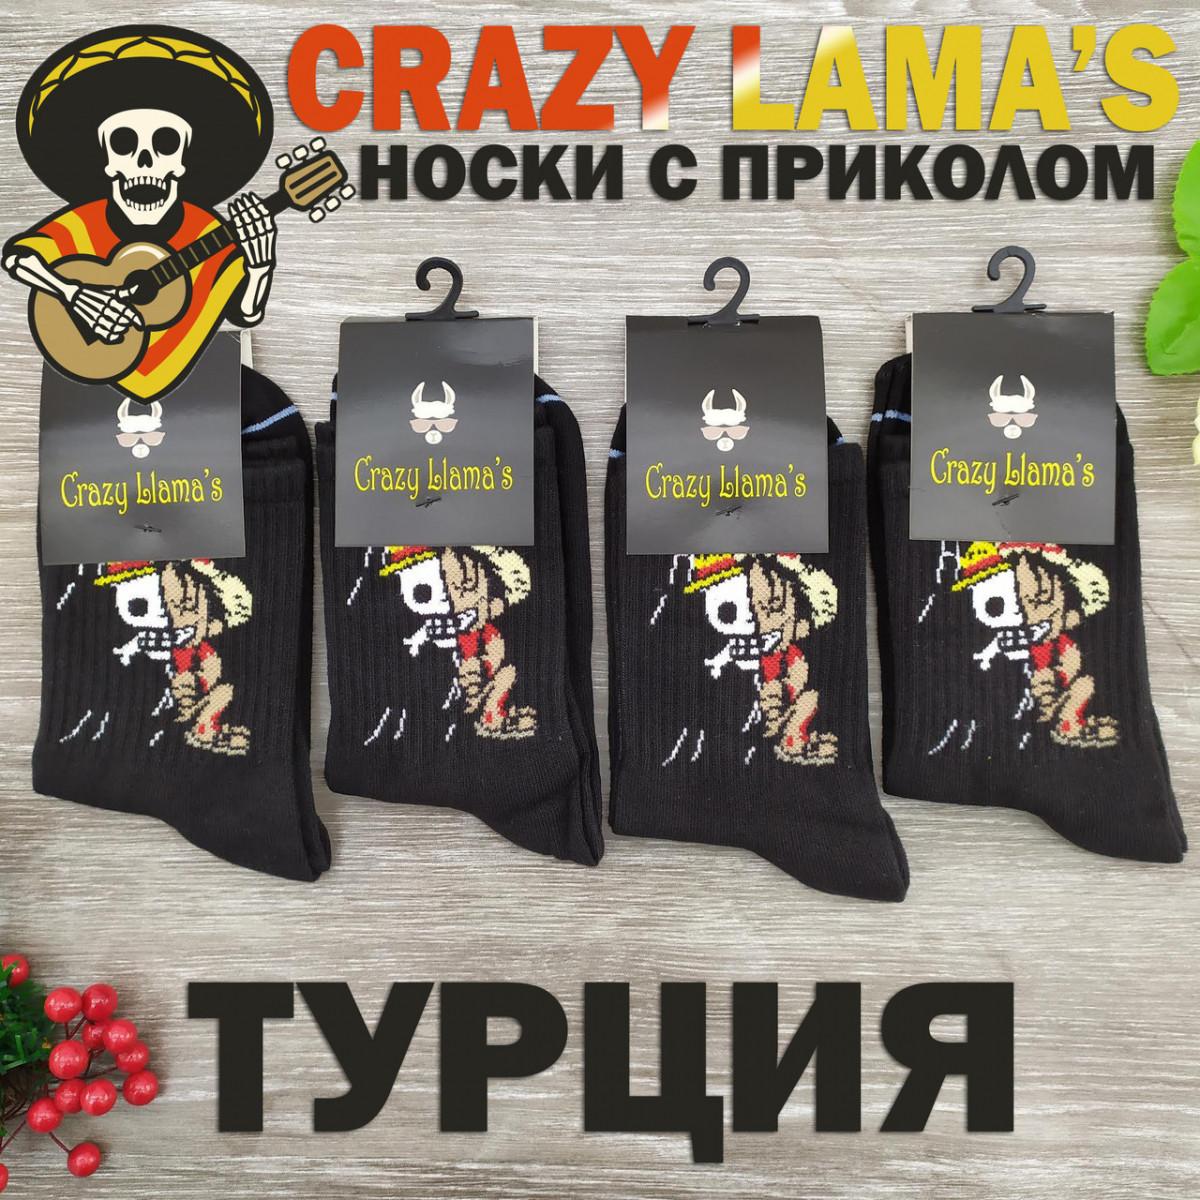 Носки с приколами демисезонные Crazy Lama 222-32 Мальчик-скелет Турция one size (37-43р) 20036362